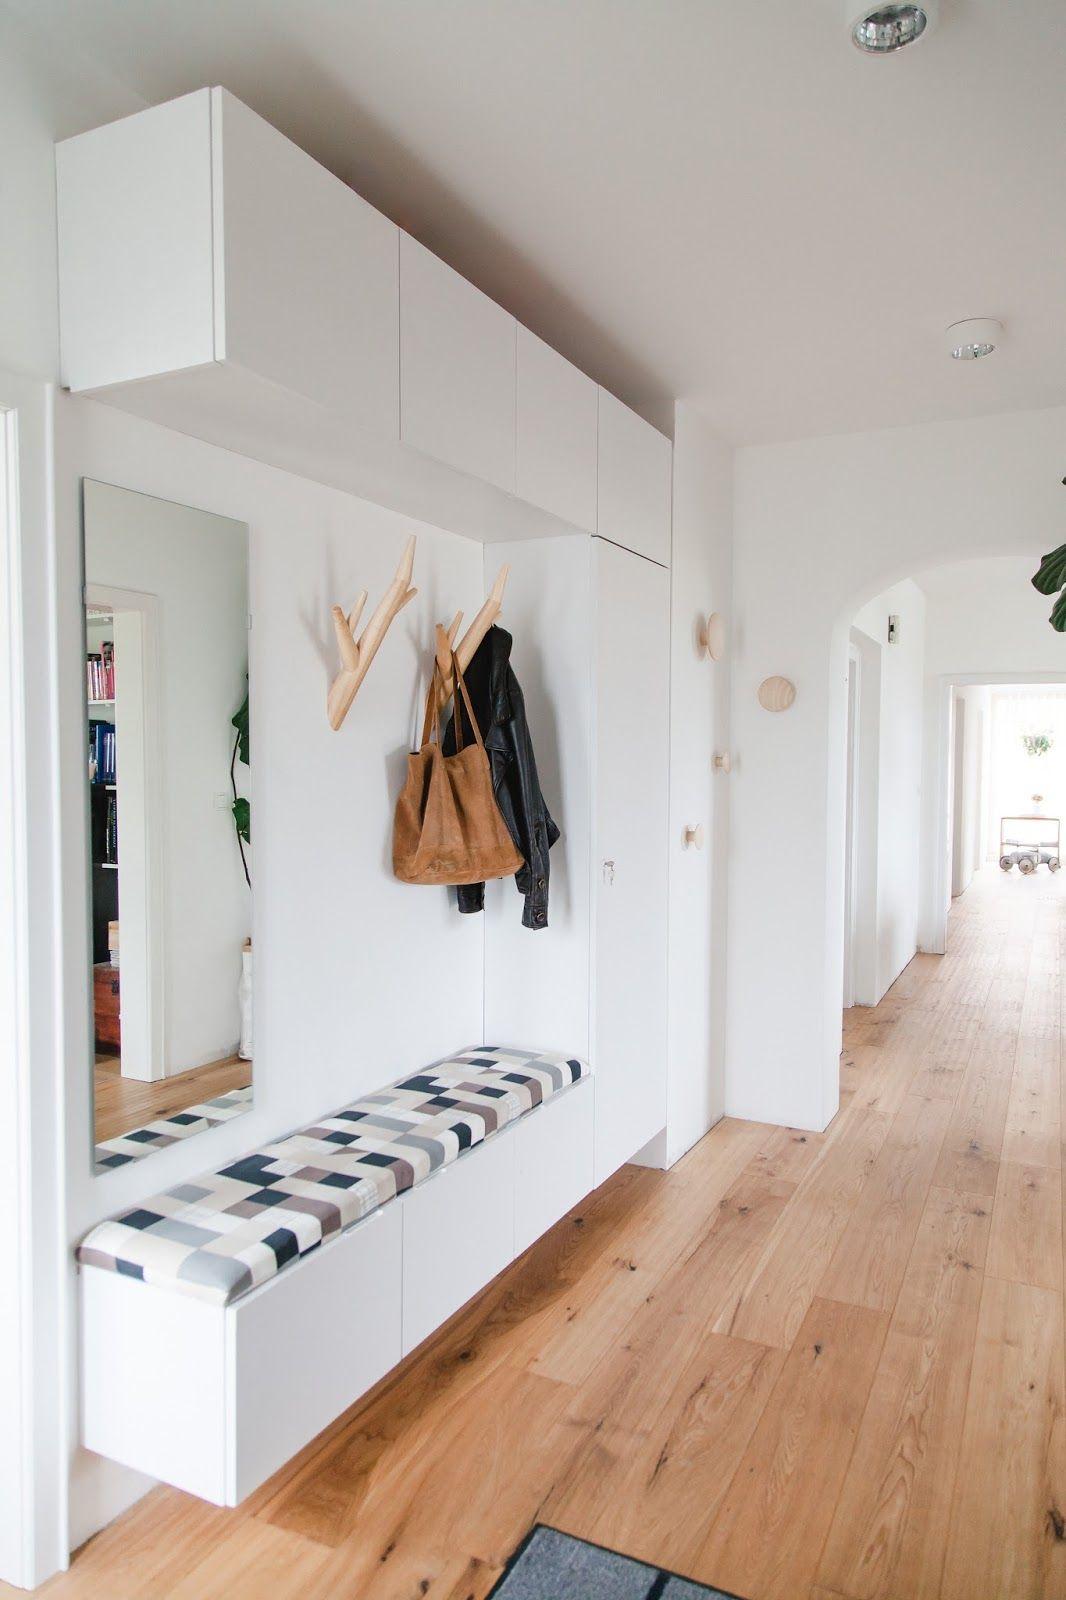 Hallway furniture habitat  Beau meuble pour luentrée de la maison ou de lu appartement